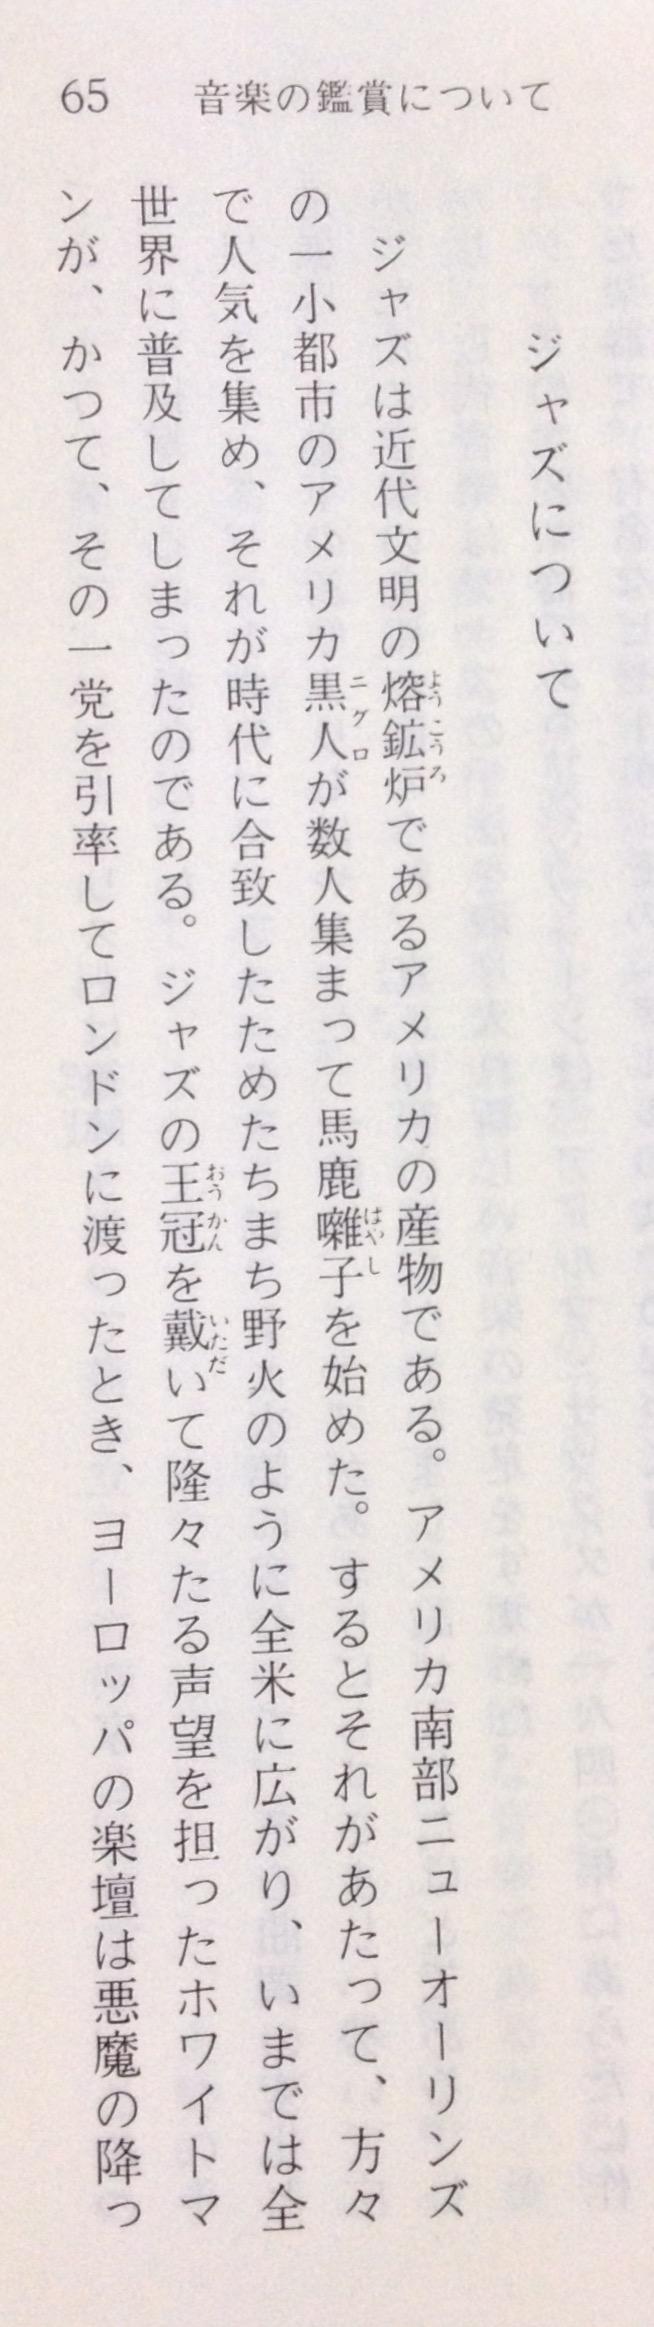 神保璟一郎『クラシック音楽鑑賞事典』(講談社学術文庫、1983よりp. 65)